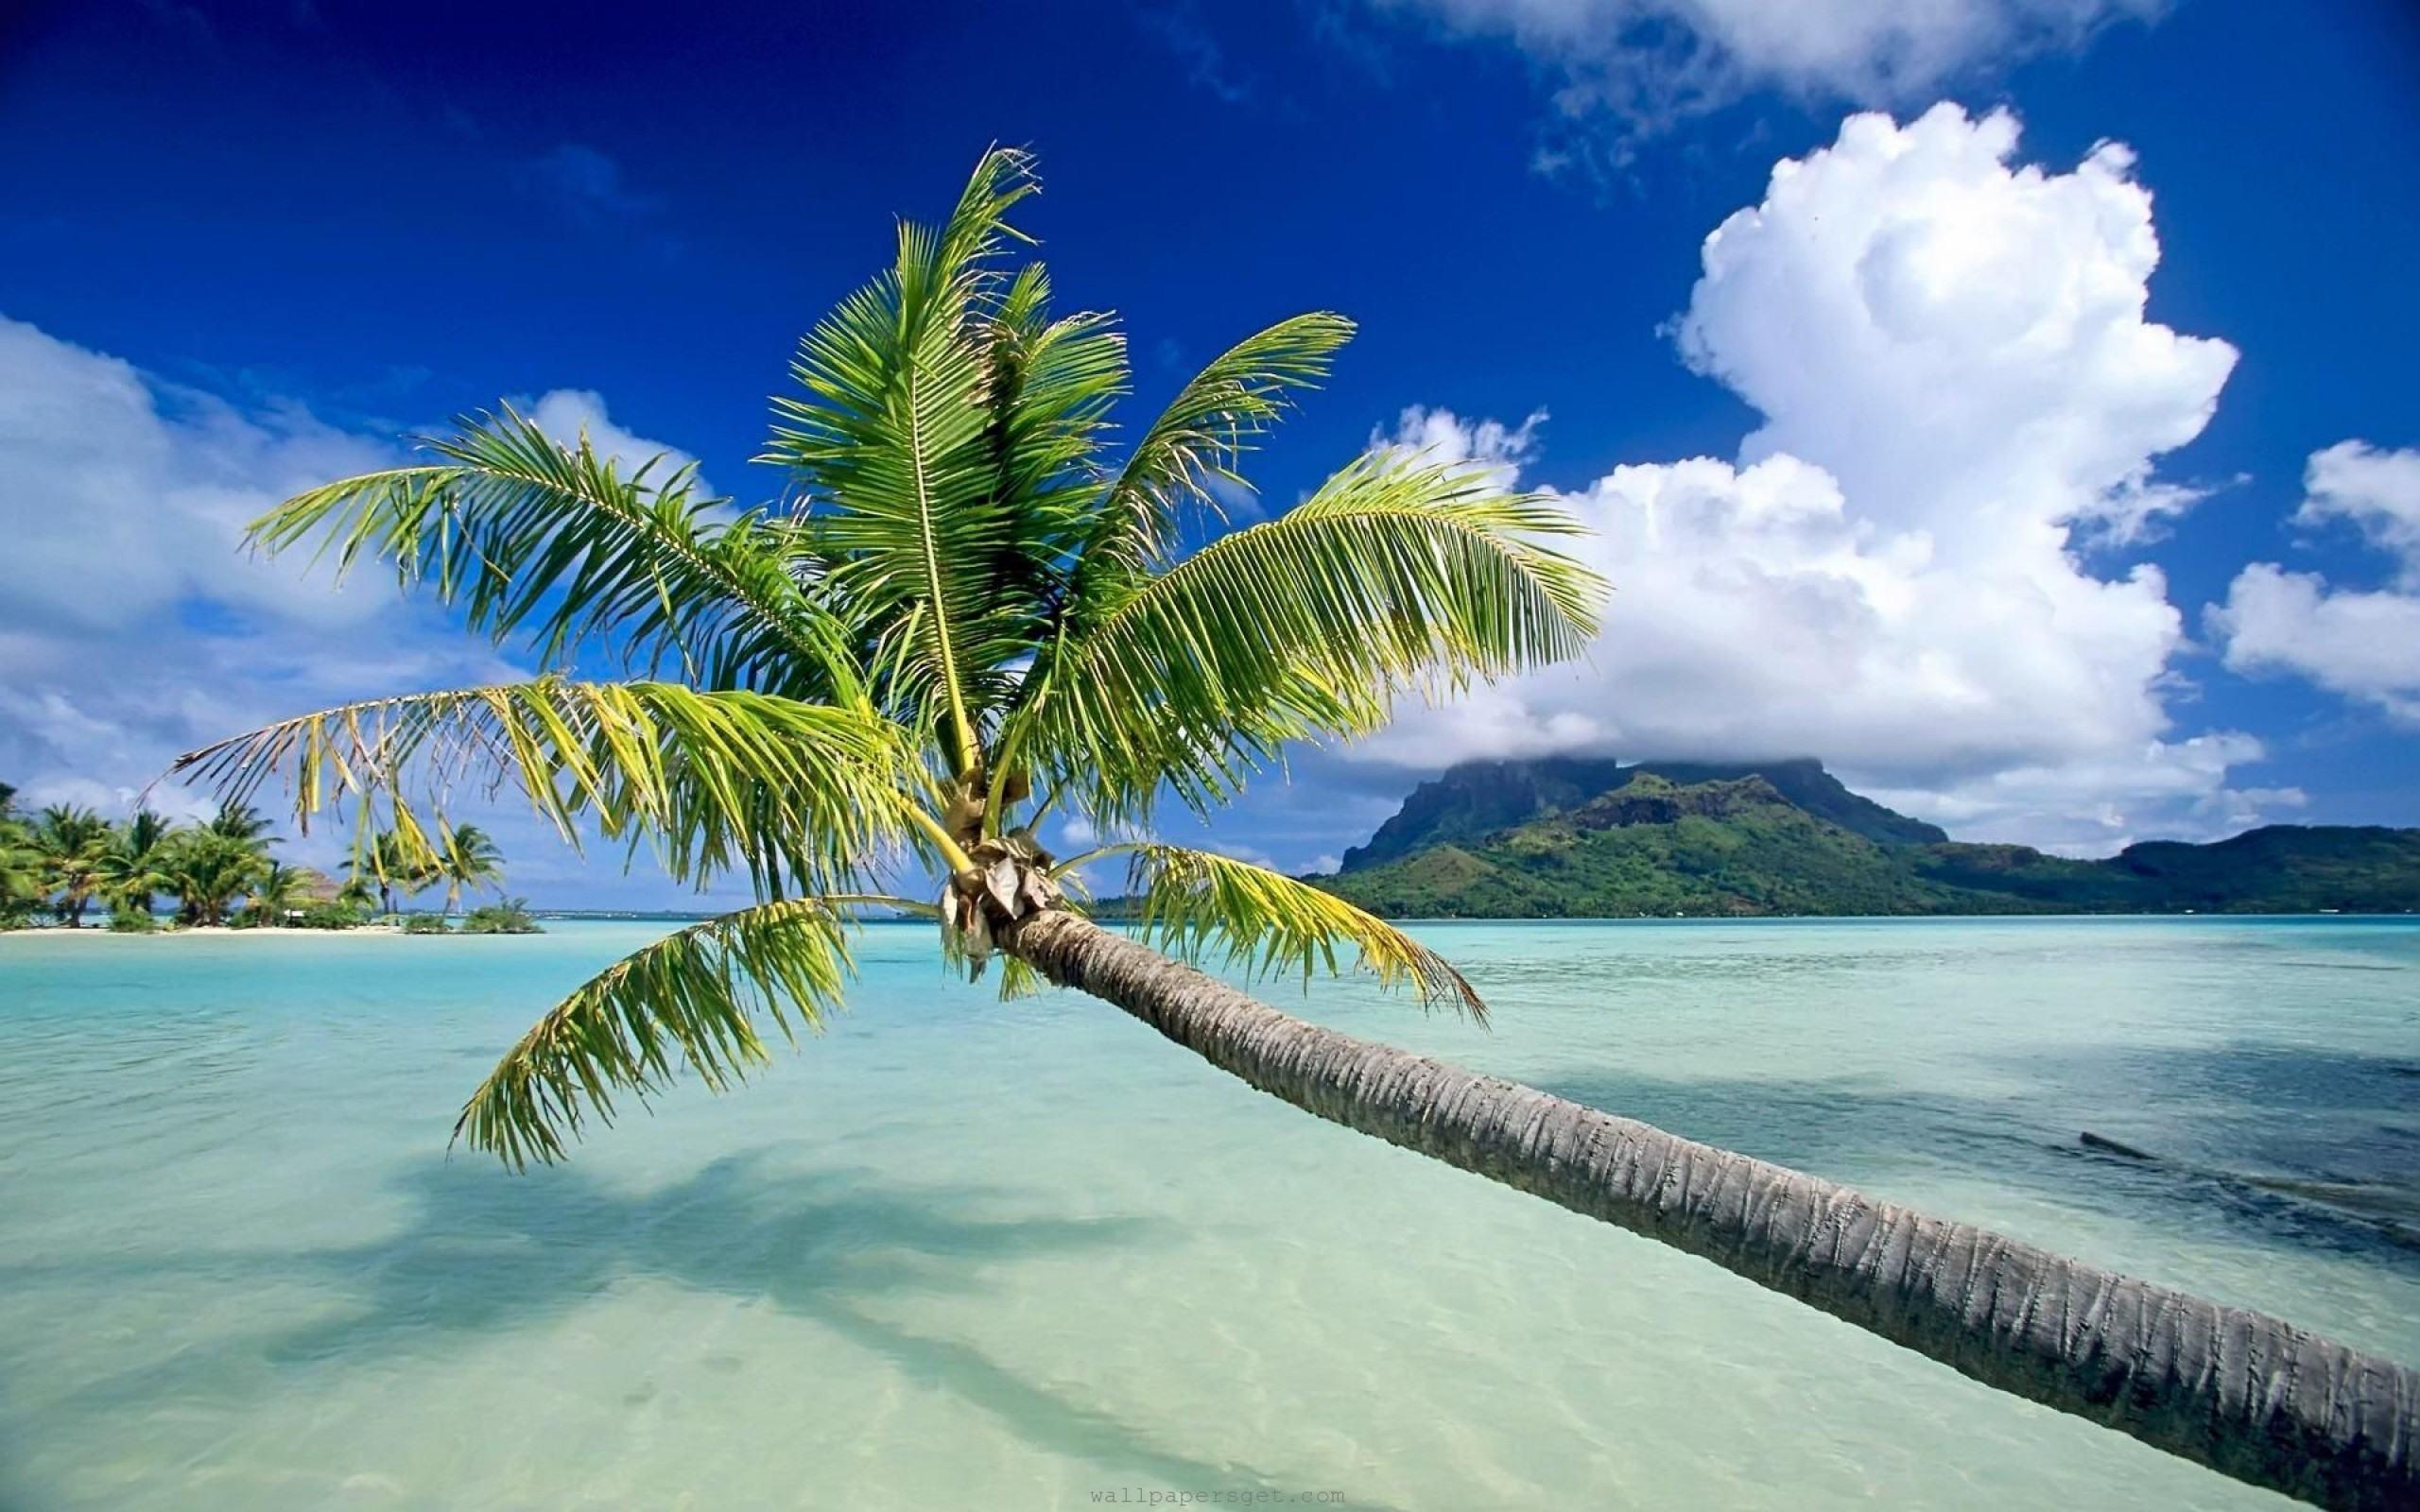 Wallpapers For > Beautiful Ocean Scenery Wallpaper - Beautiful Ocean Scenery , HD Wallpaper & Backgrounds